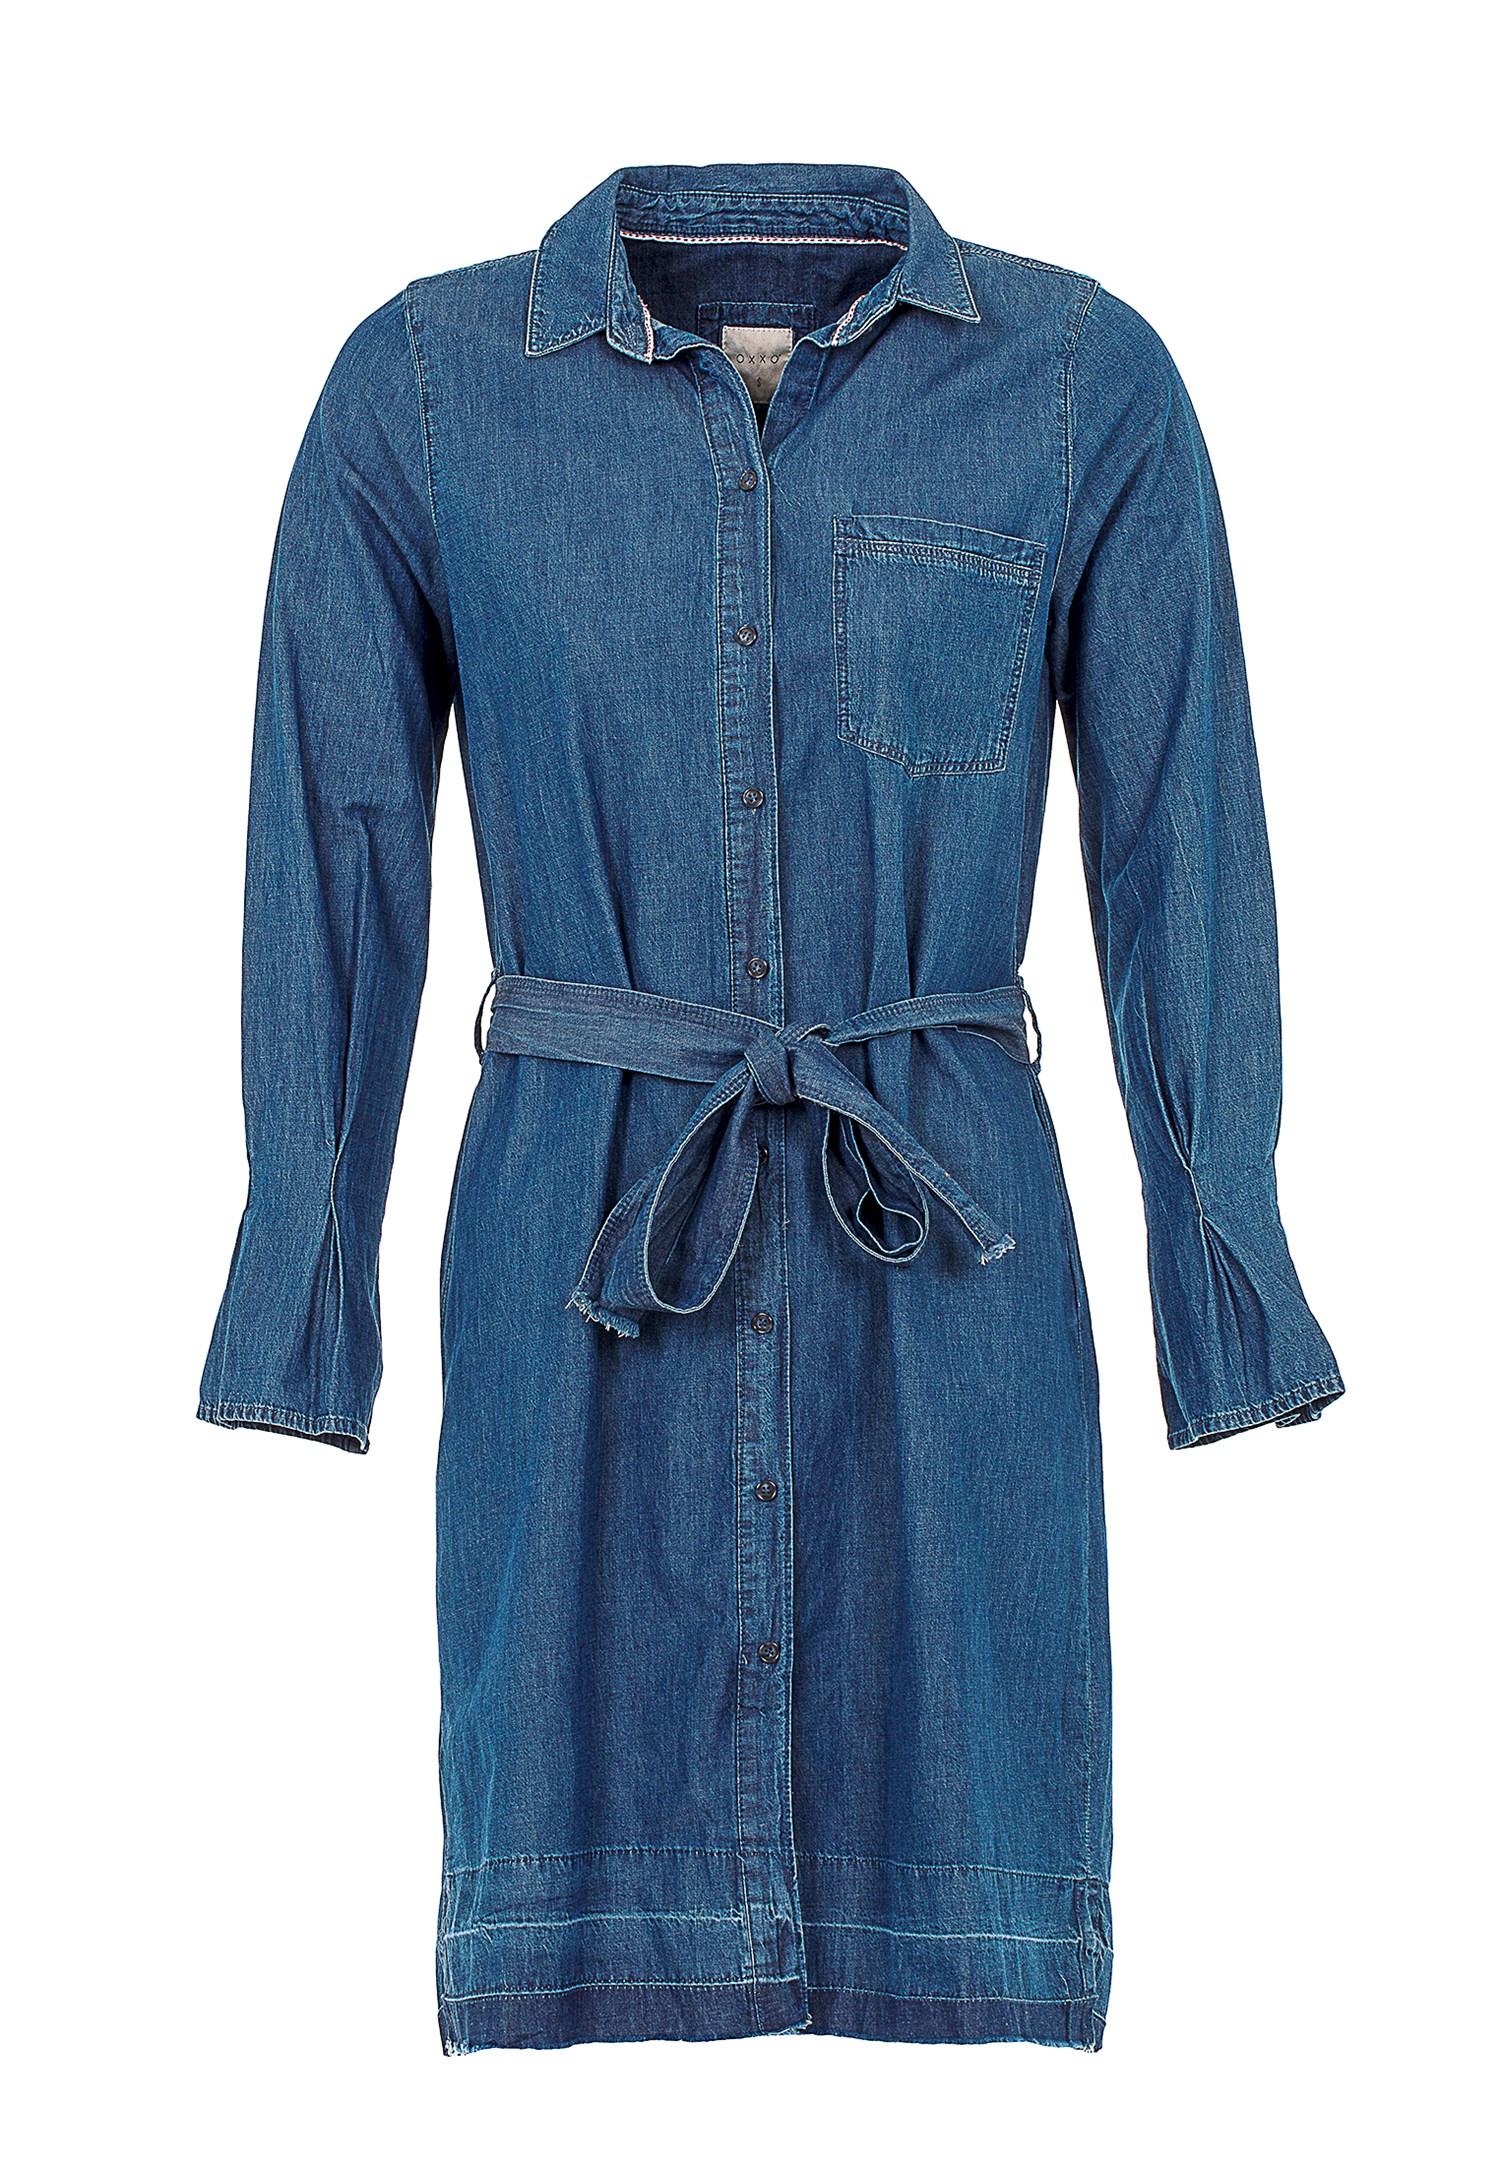 Bayan Mavi Kol Detaylı Beli Bağlamalı Elbise